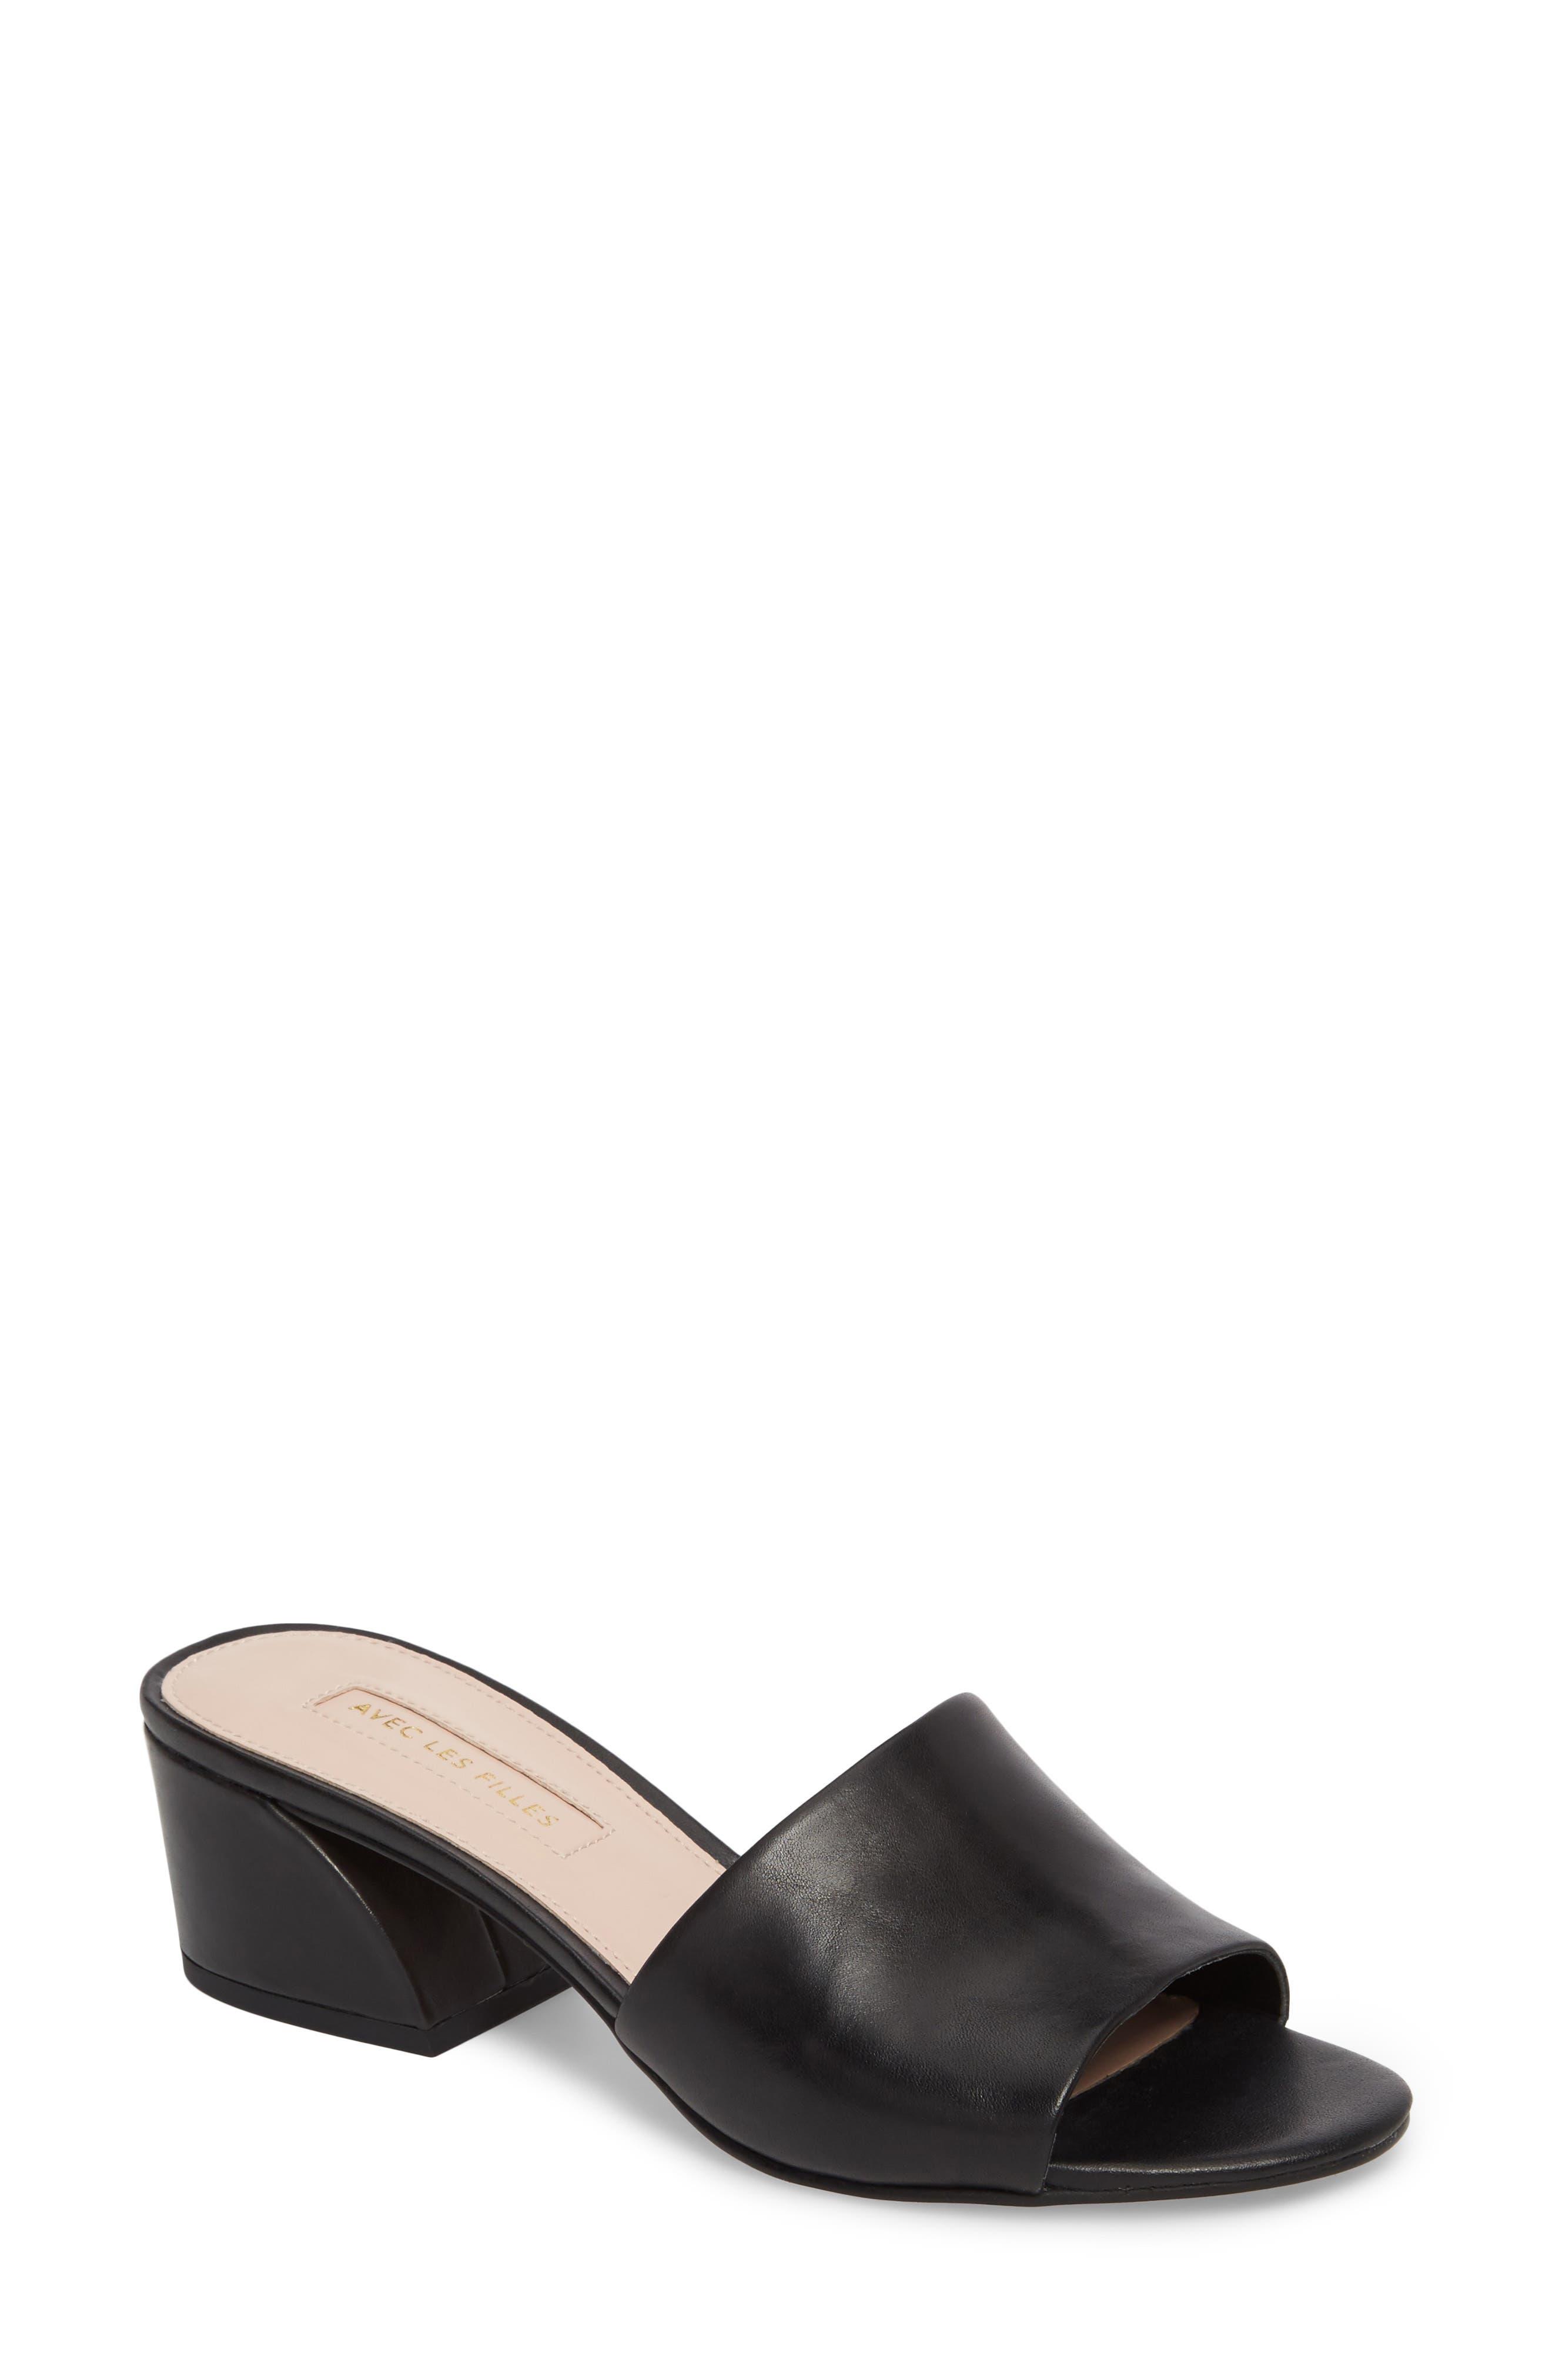 Sloane Sandal,                         Main,                         color, 001